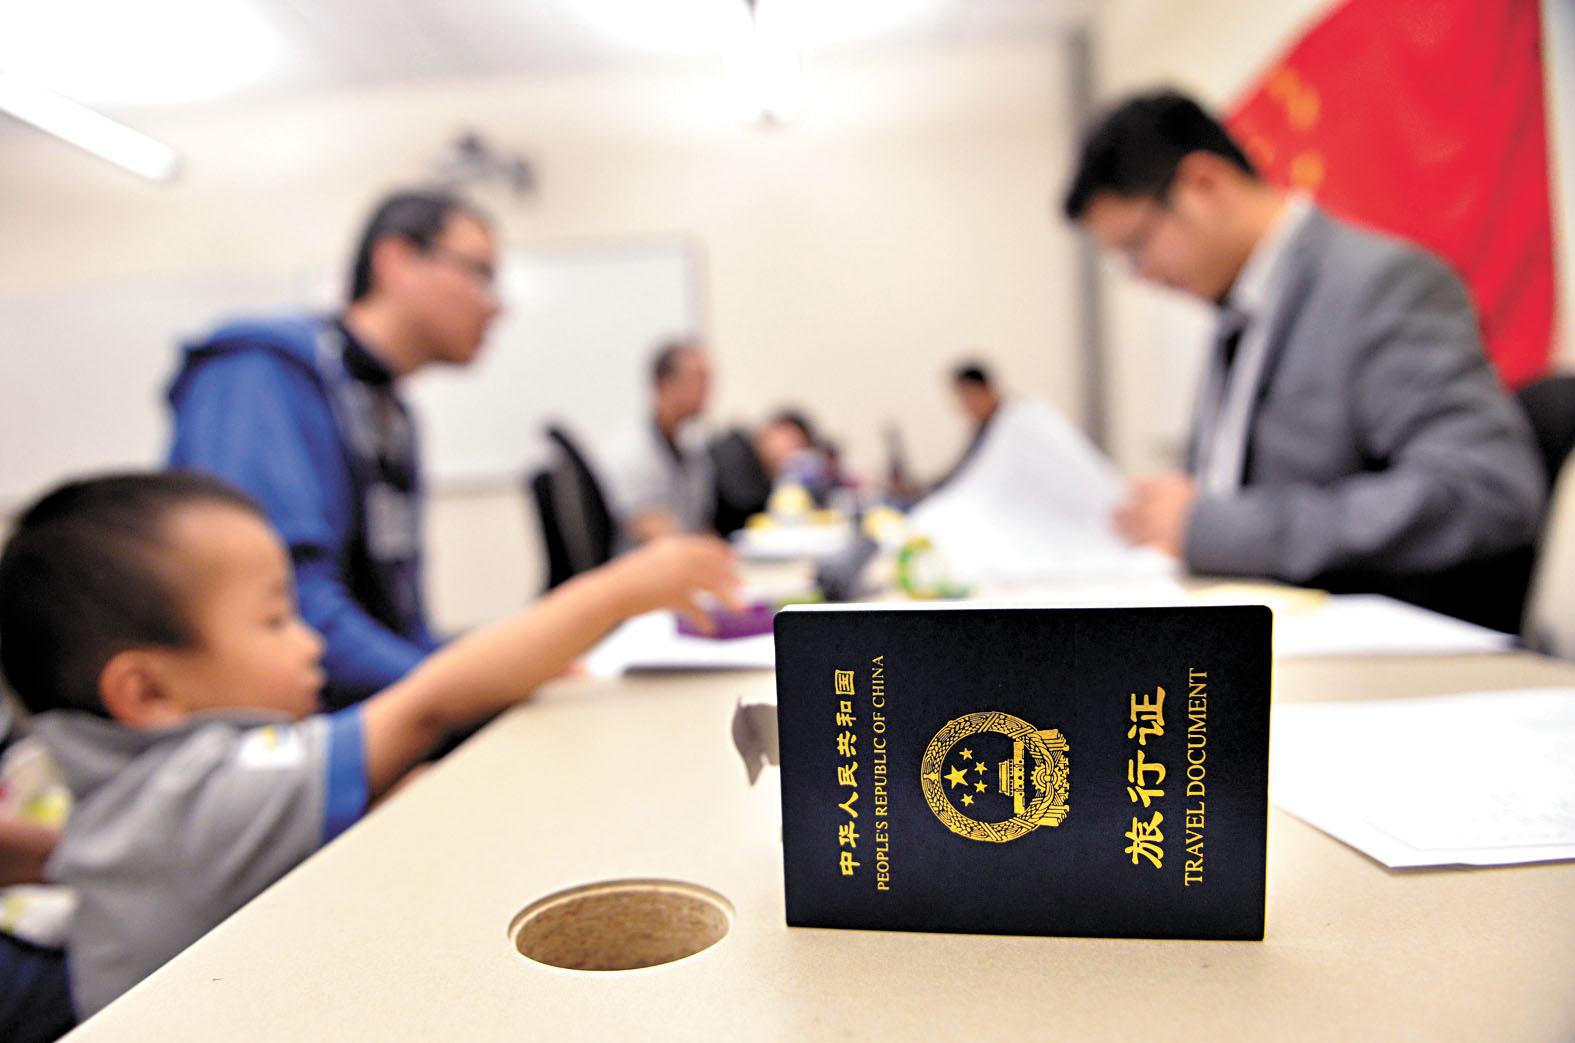 中國各駐外使領館將於2月起實施便民舉措,實現護照(小圖)「全球通辦」,圖為中國駐美大使館領事人員給申請人辦理證件。新華社資料圖睛